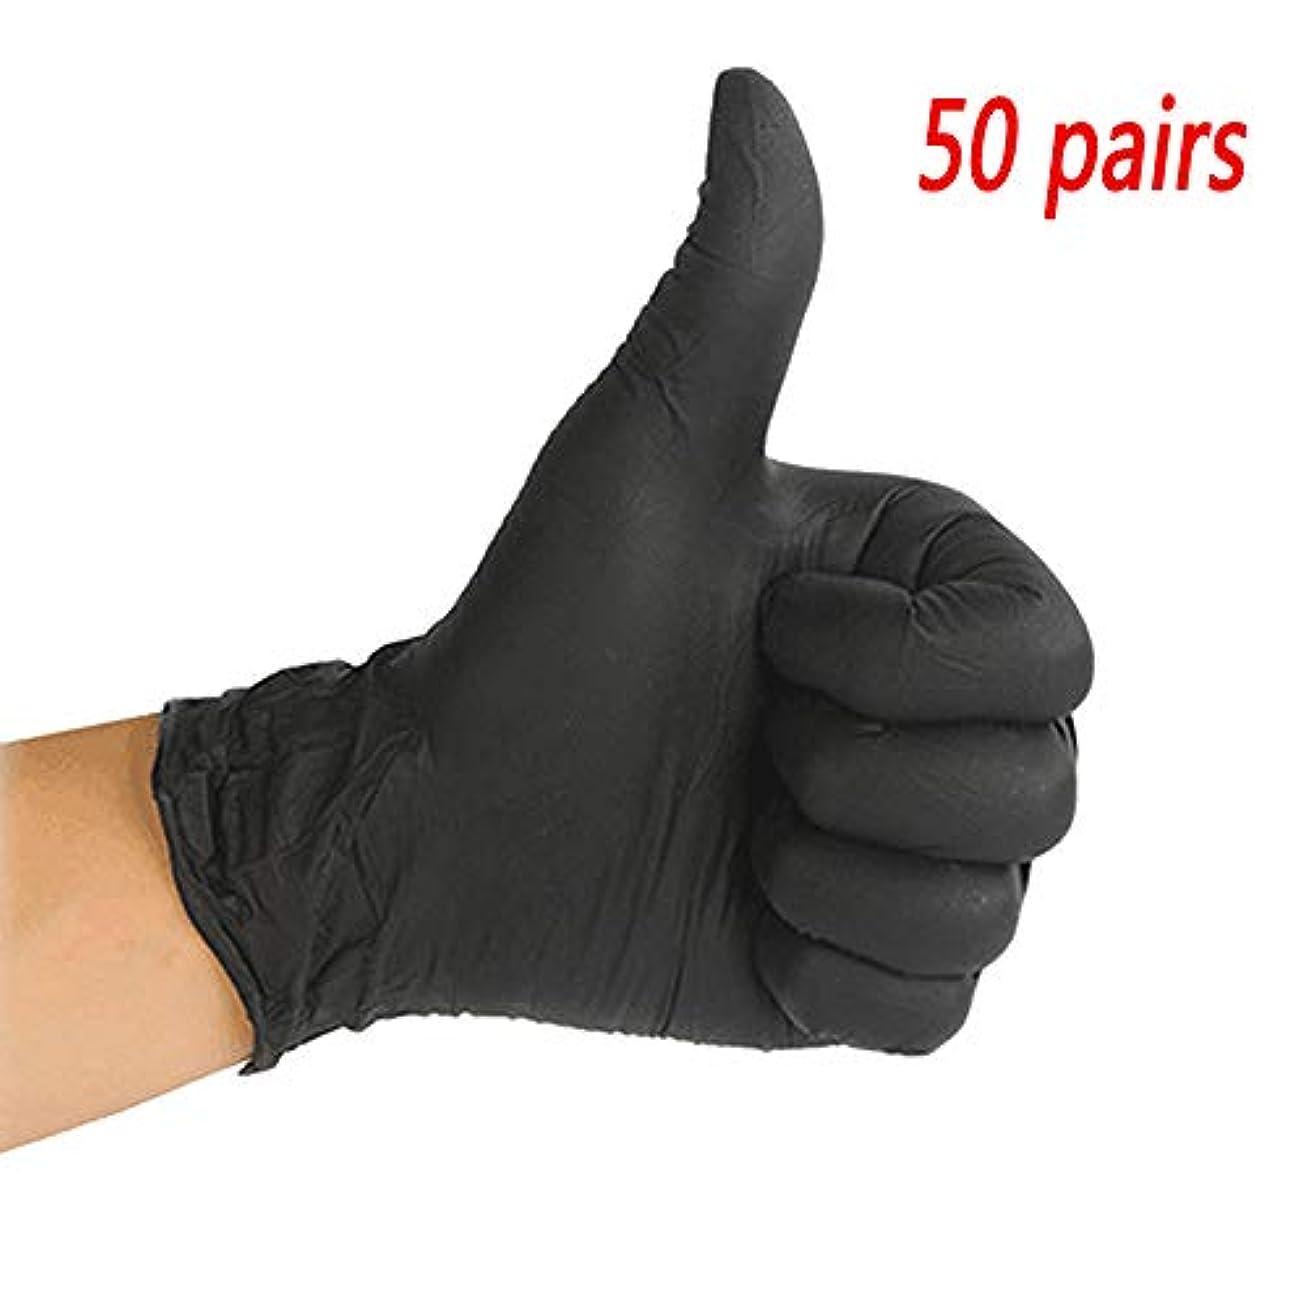 傷つけるフルーツ助言する使い捨て手袋 100枚入 ニトリルグローブ 粉なし 作業手袋 耐油 料理 掃除 衛生 工業用 医療用 美容用 レストラン用 使い捨てタトゥー手袋